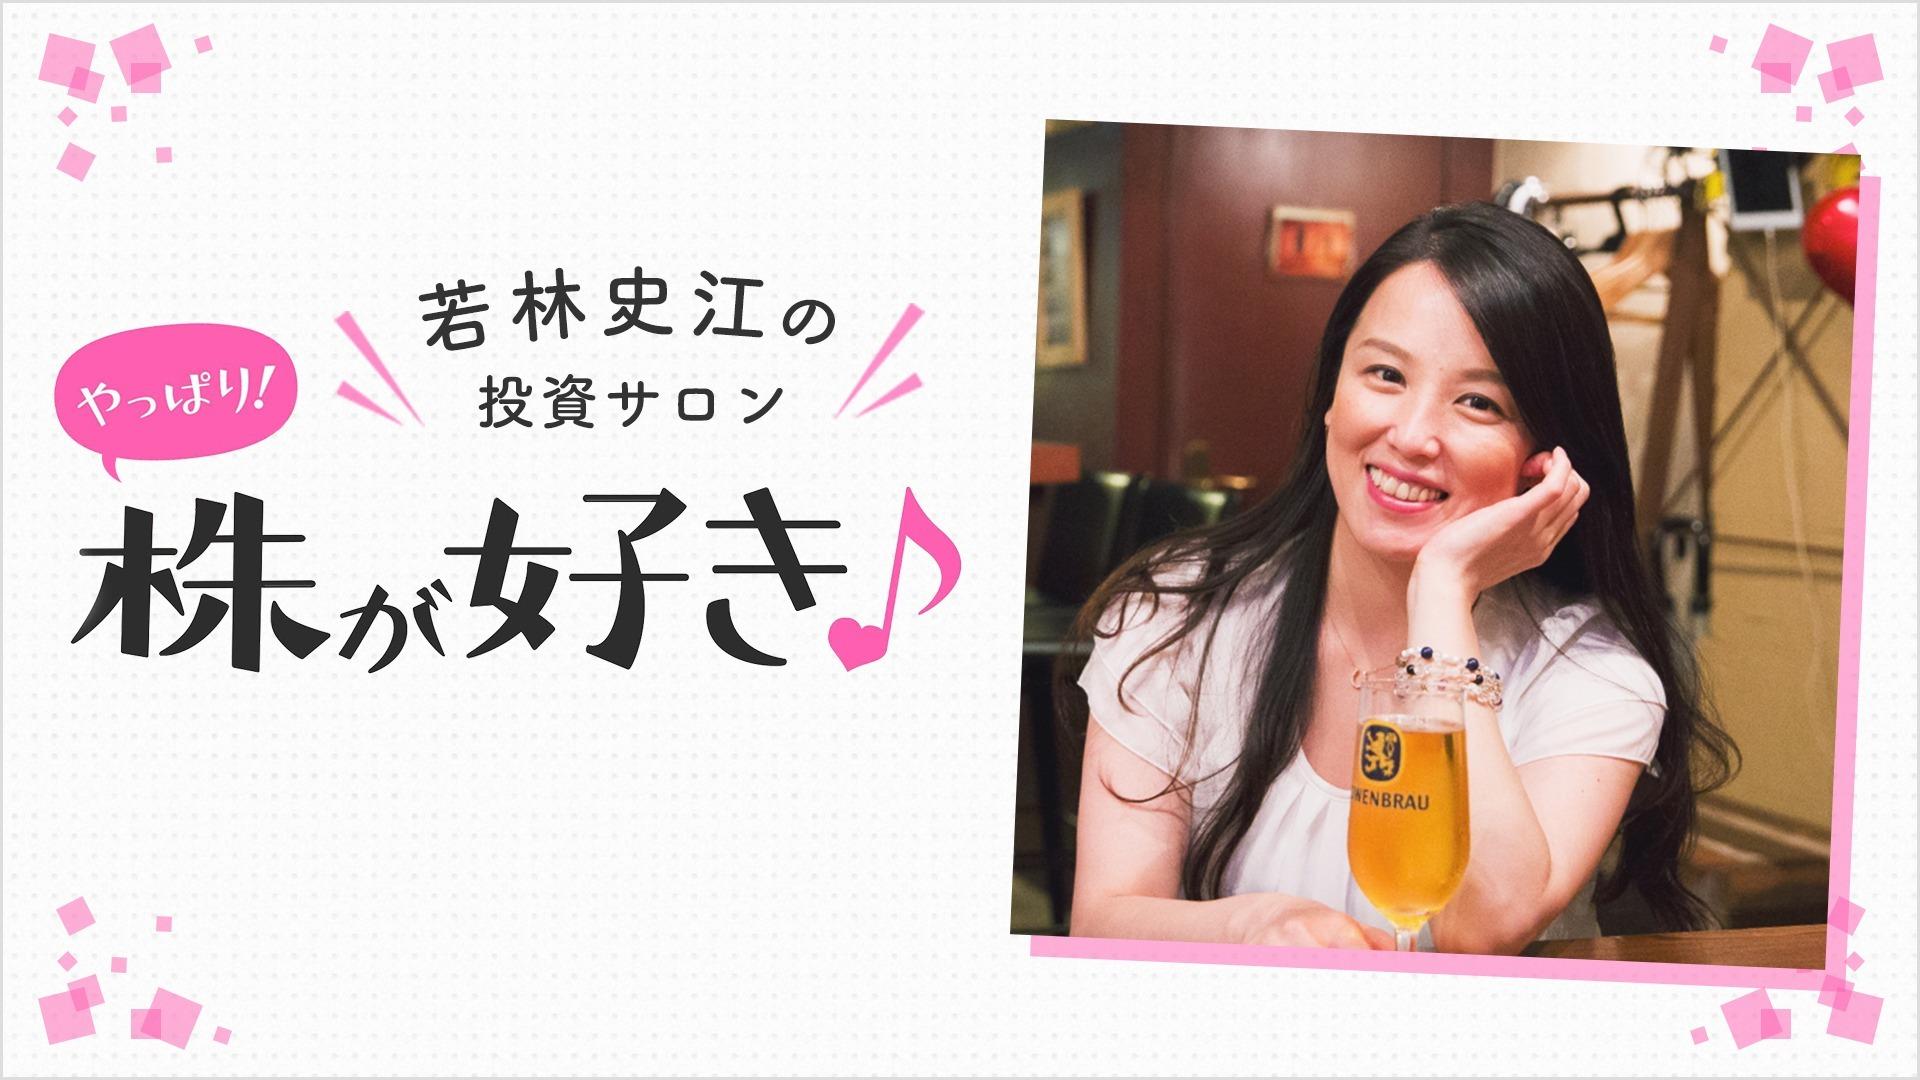 若林史江、hina(ヒナ) - 若林史江とhinaの投資サロン やっぱり株が好き♪ - DMM オンラインサロン